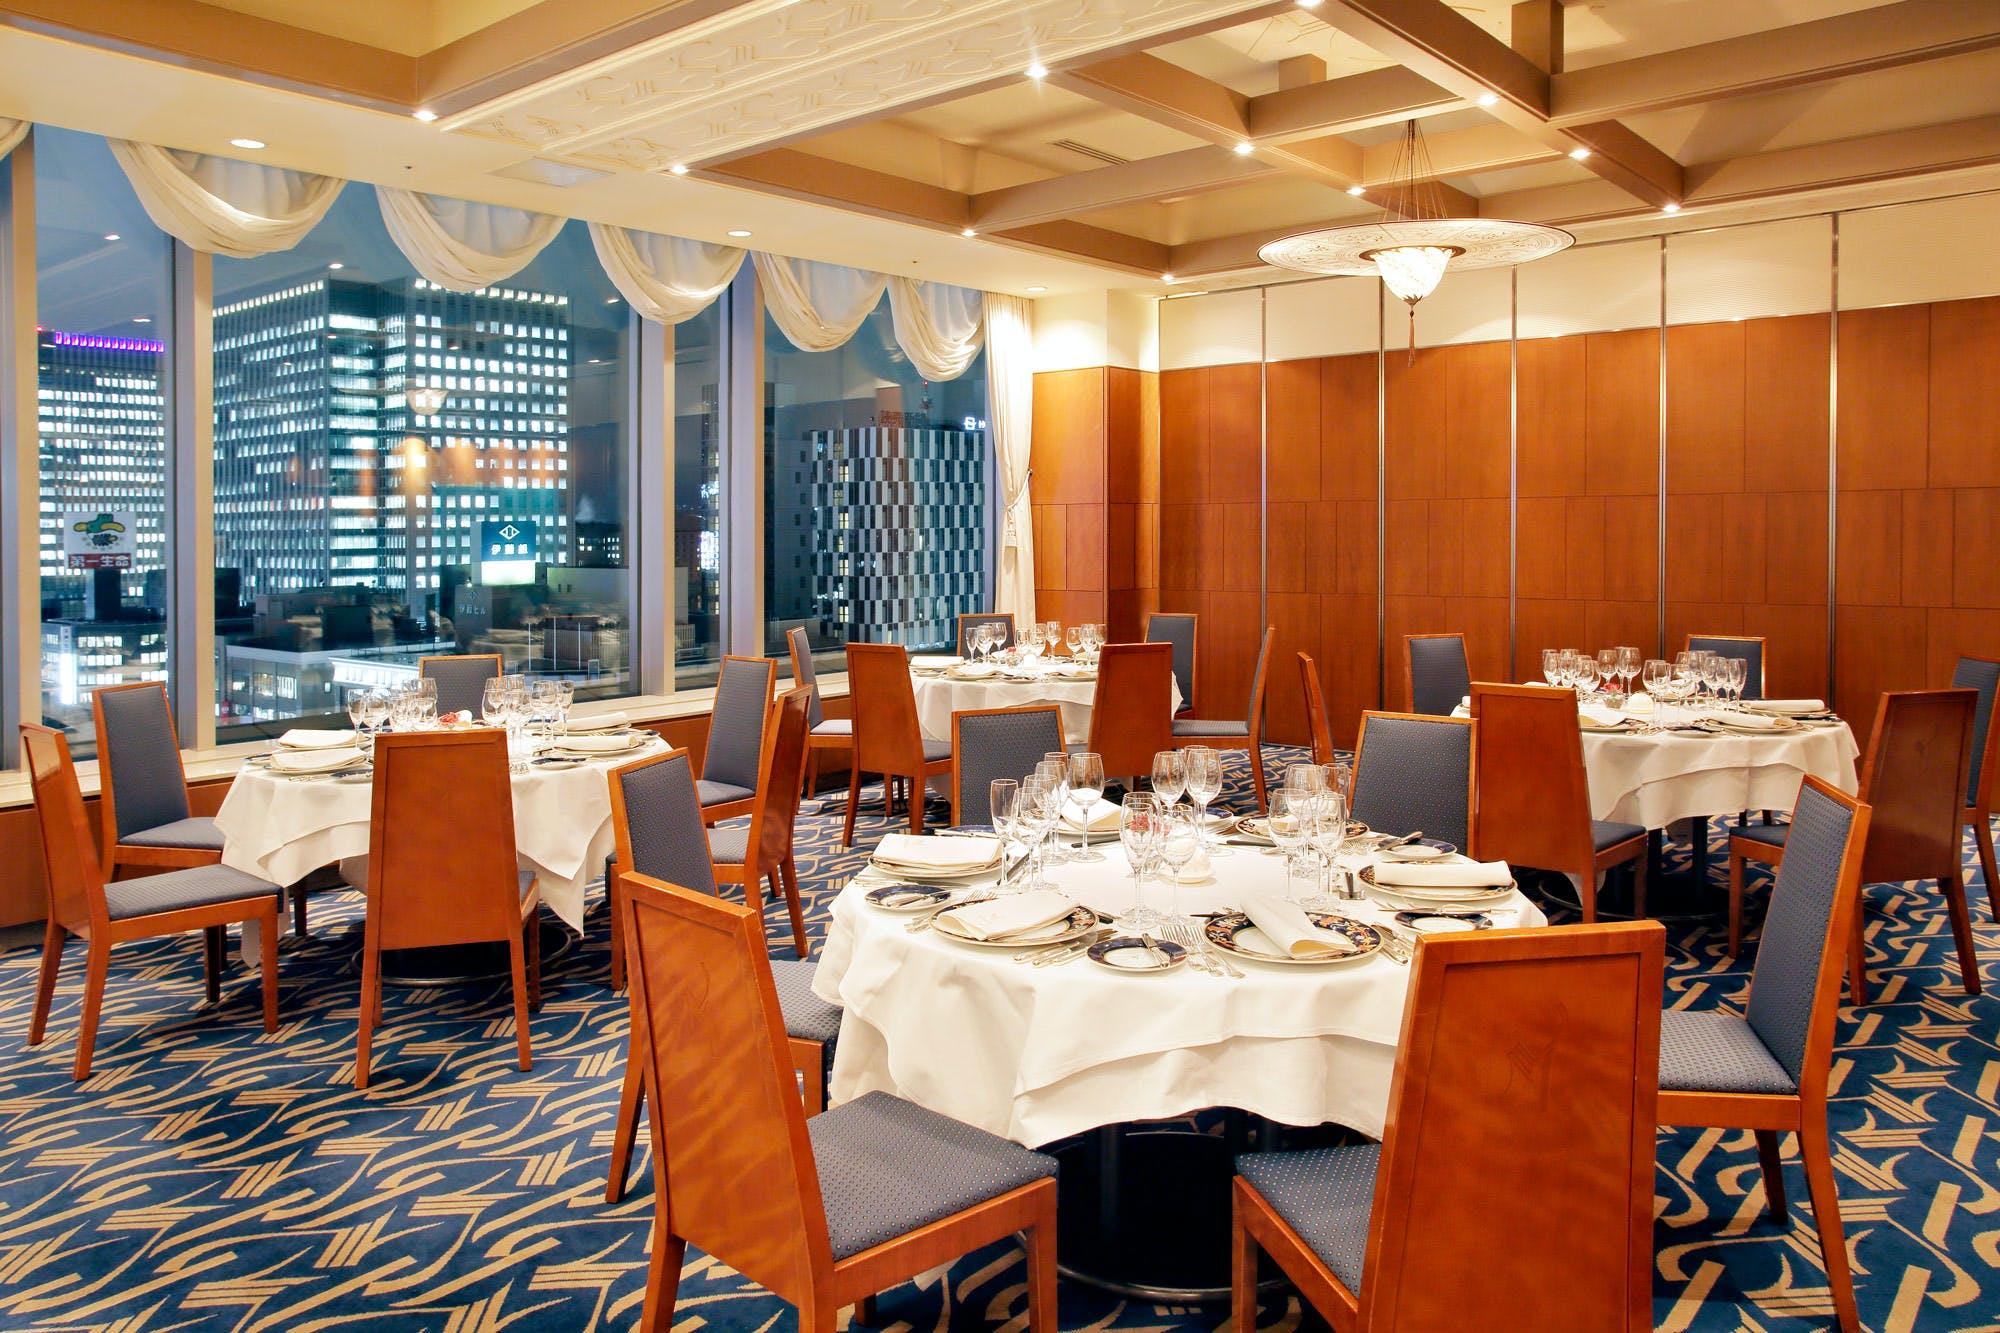 フレンチレストラン「ミクニ サッポロ」/JRタワーホテル日航札幌